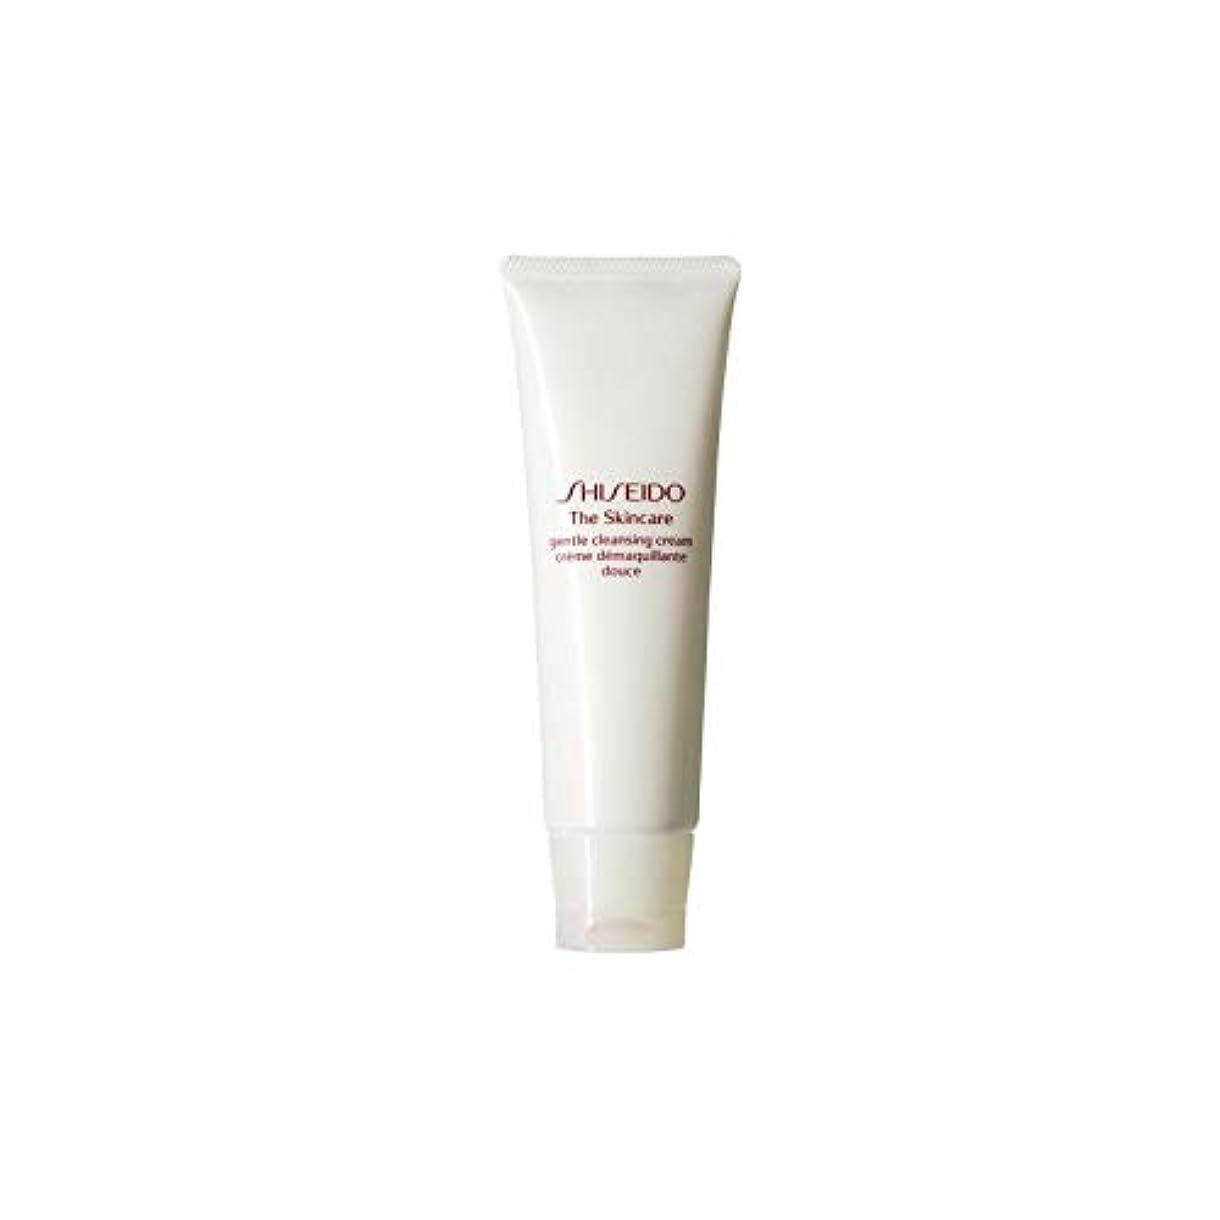 ダンプスカート評価[Shiseido ] 資生堂スキンケアの必需品ジェントルクレンジングクリーム(125ミリリットル) - Shiseido The Skincare Essentials Gentle Cleansing Cream (...